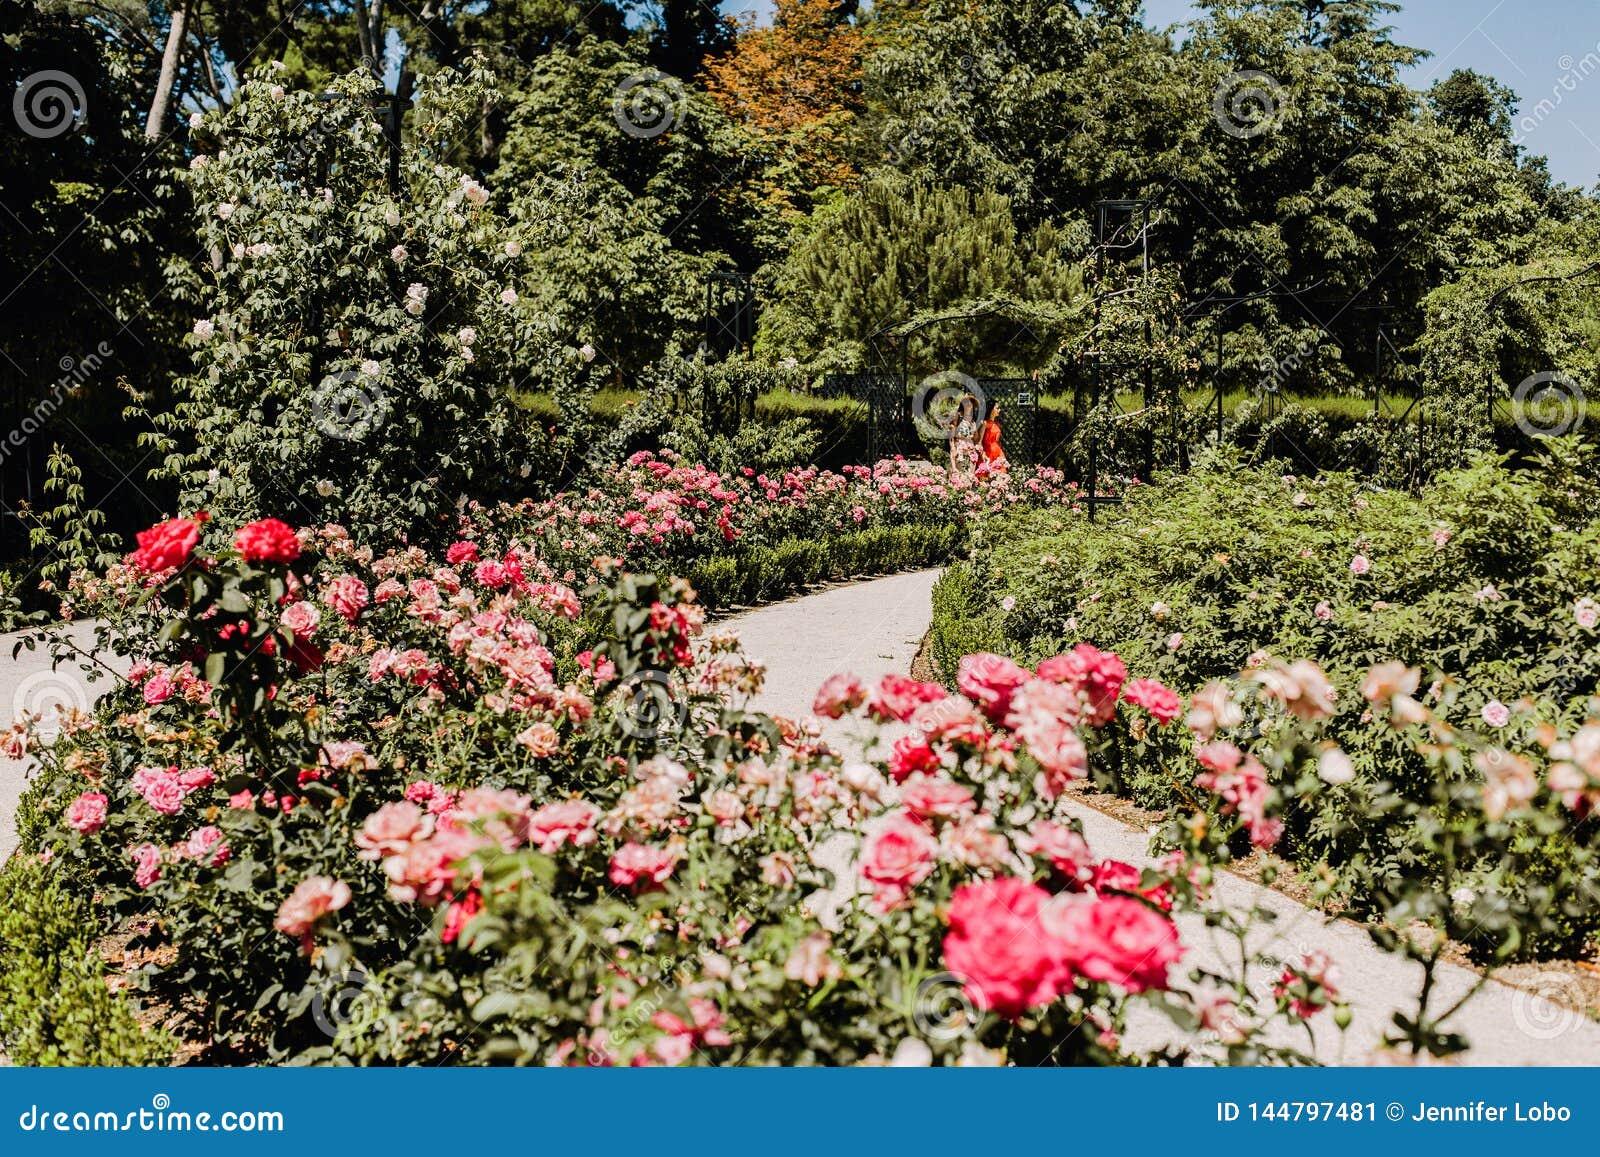 Parque del Buen Retiro en Madrid, España